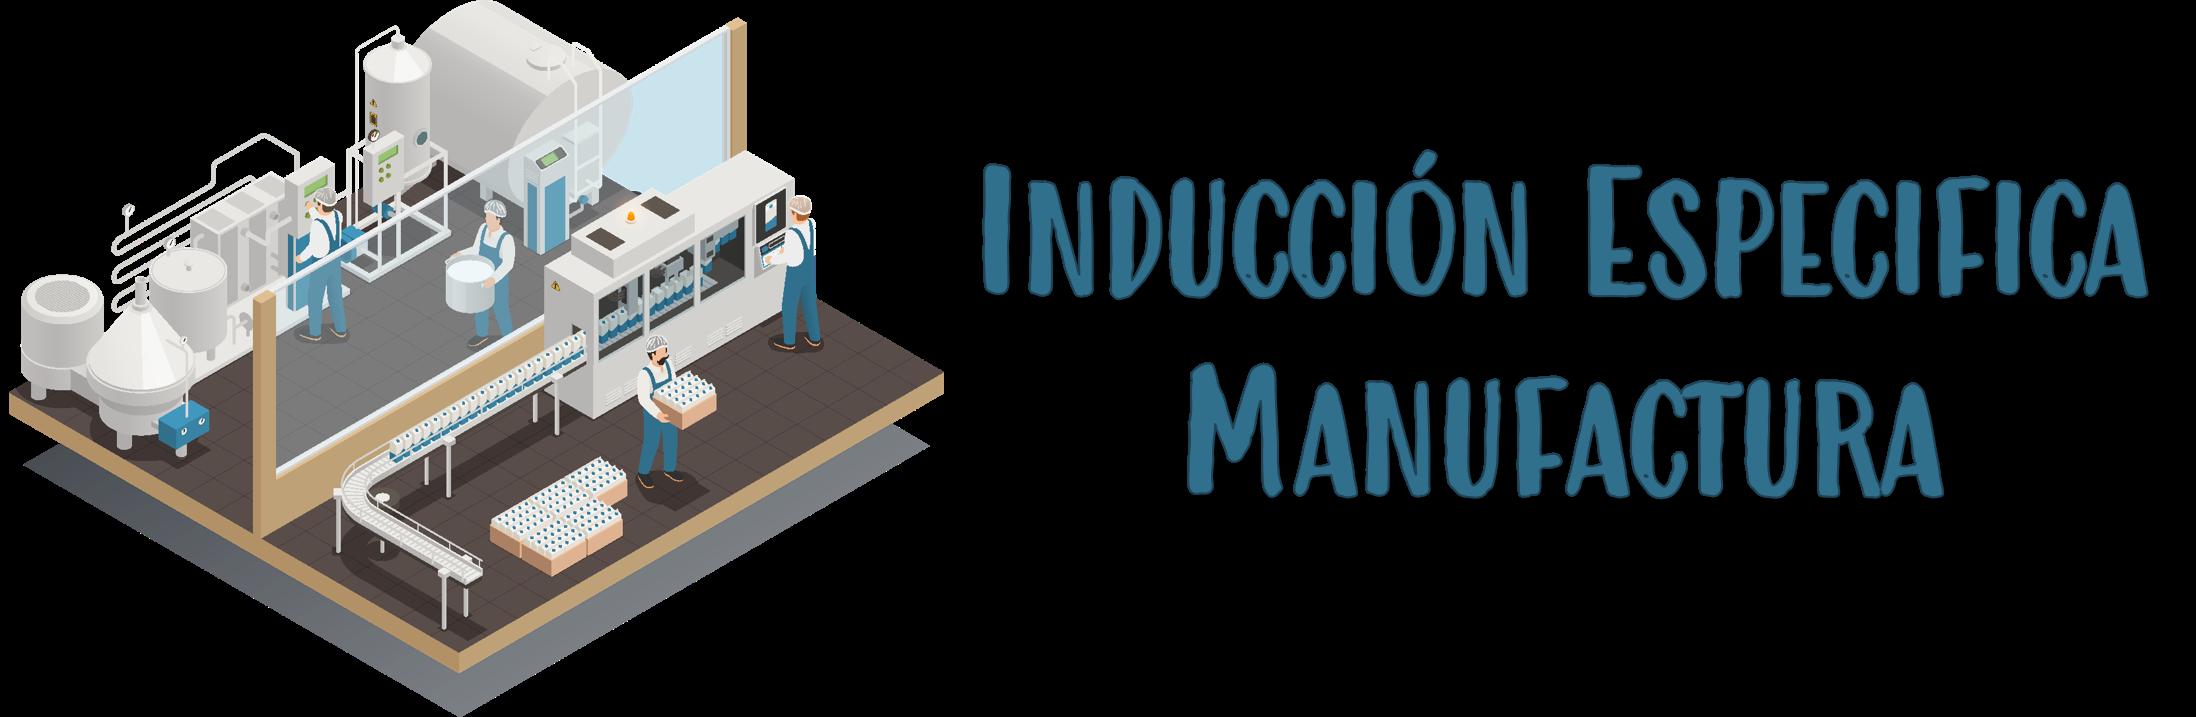 Inducción Específica Manufactura